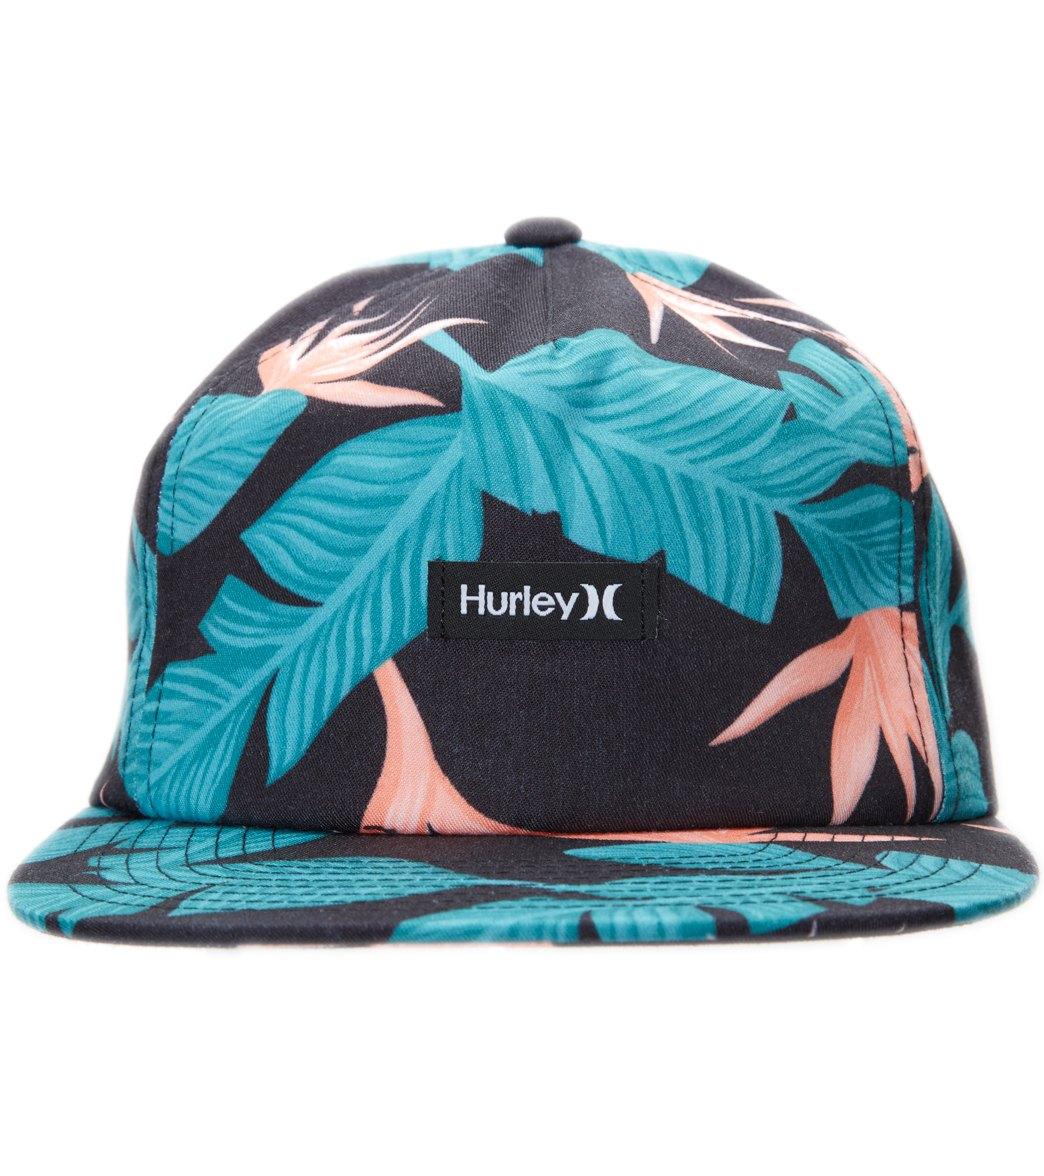 timeless design 24010 803fc Hurley Hanoi Hat